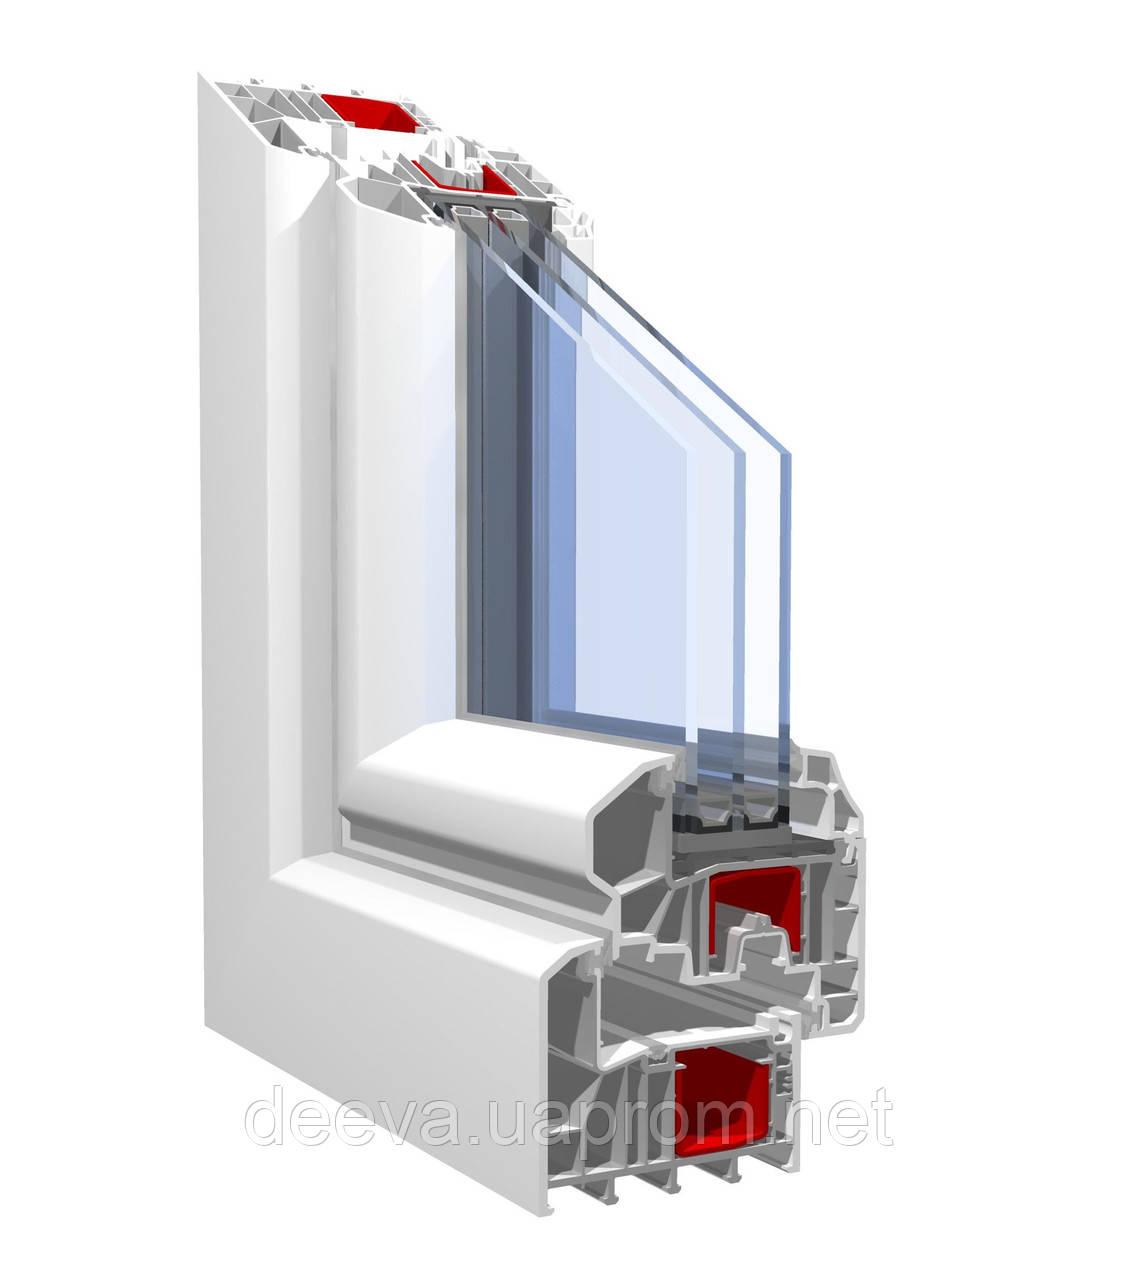 Окно из профиля kbe-88 (6 камерный) 1,3х1,4 стандартное, сте.